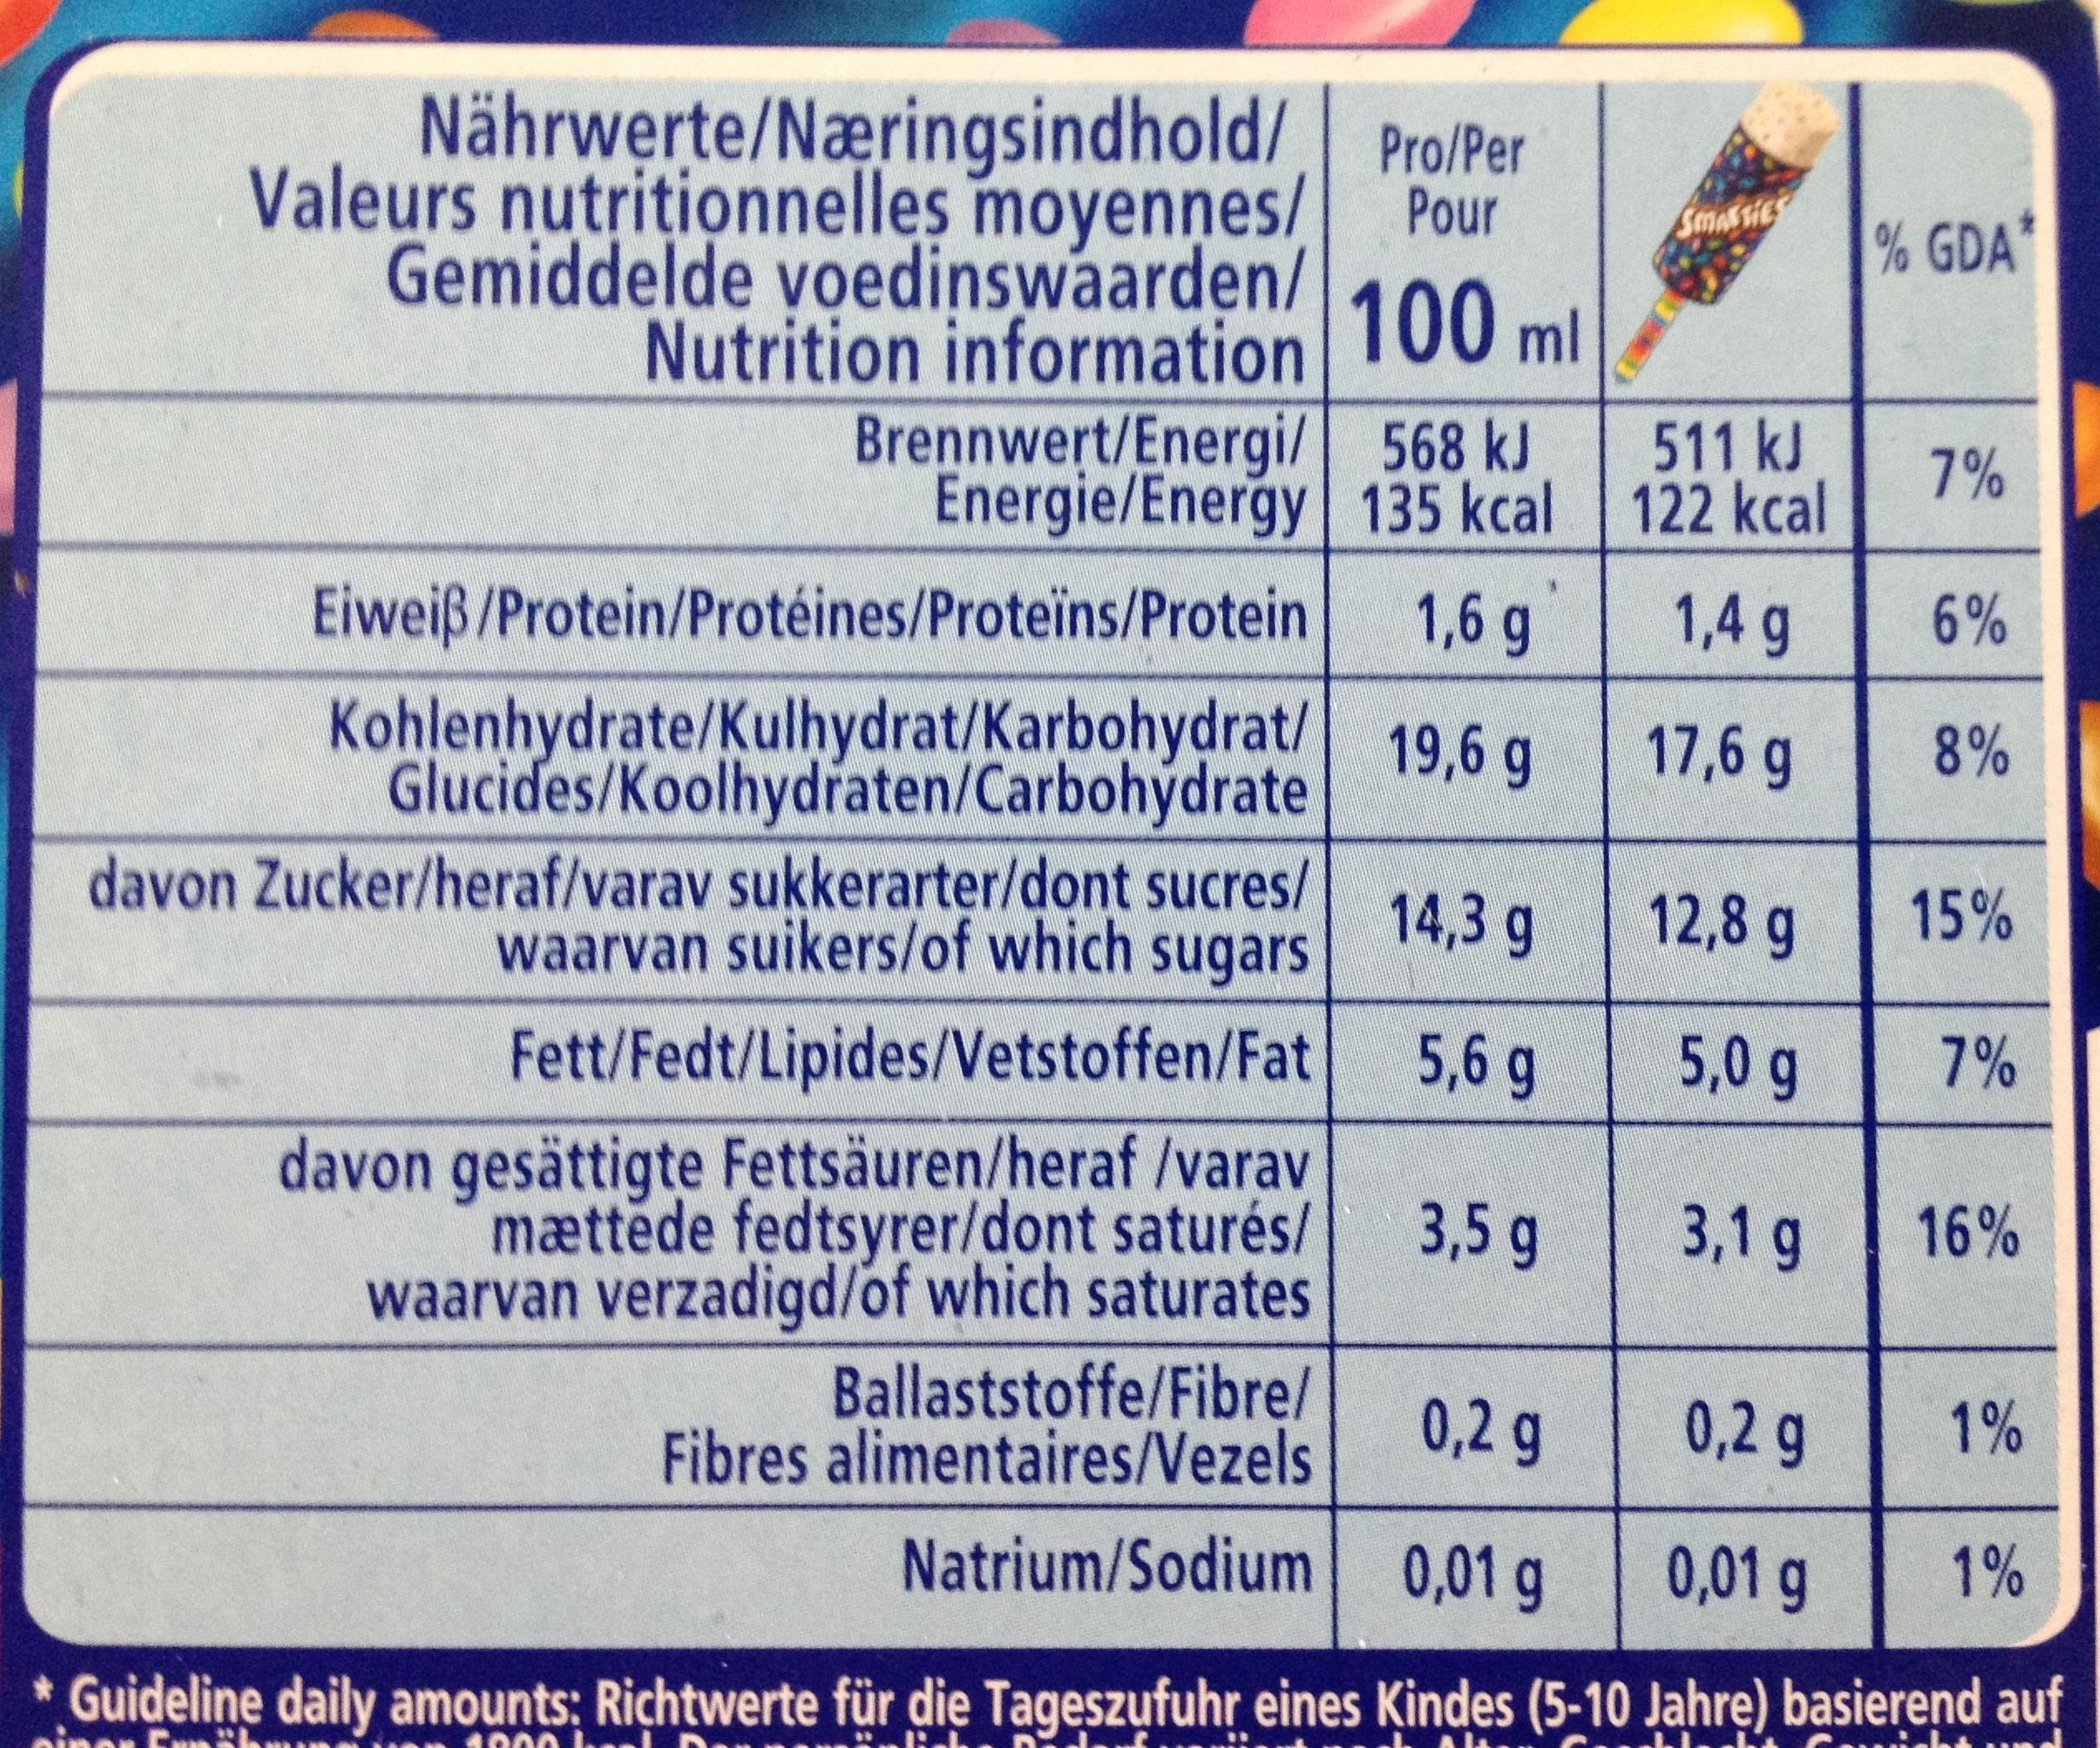 Smarties Pop Up - Nestlé - 5 Smarties Nutrition